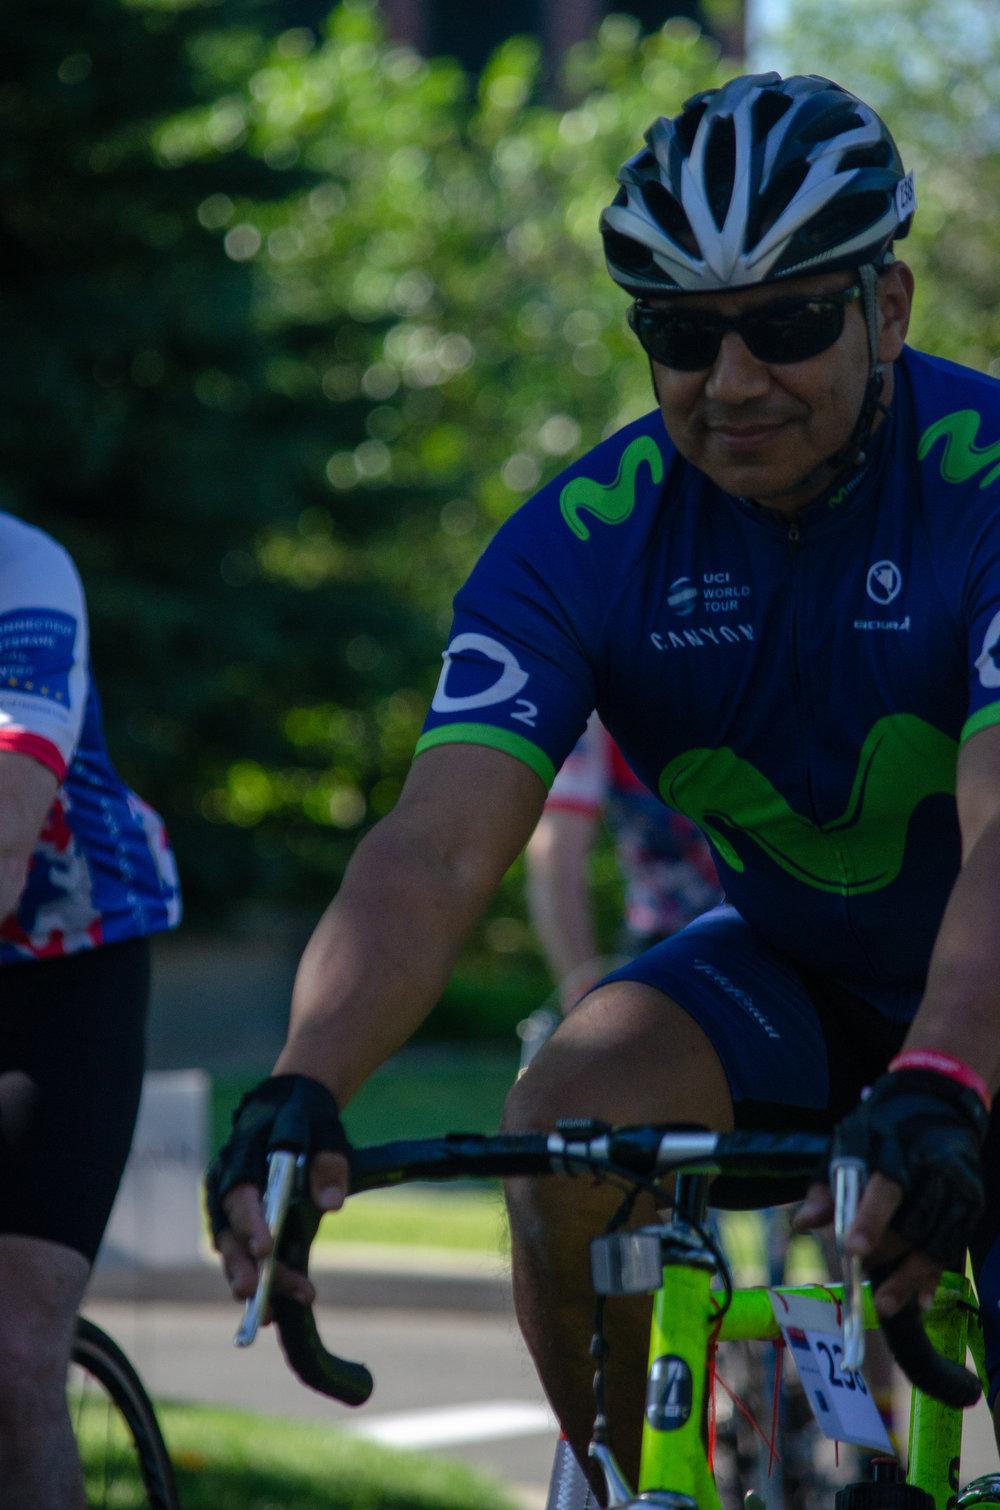 Riders_DSC_0789.jpg